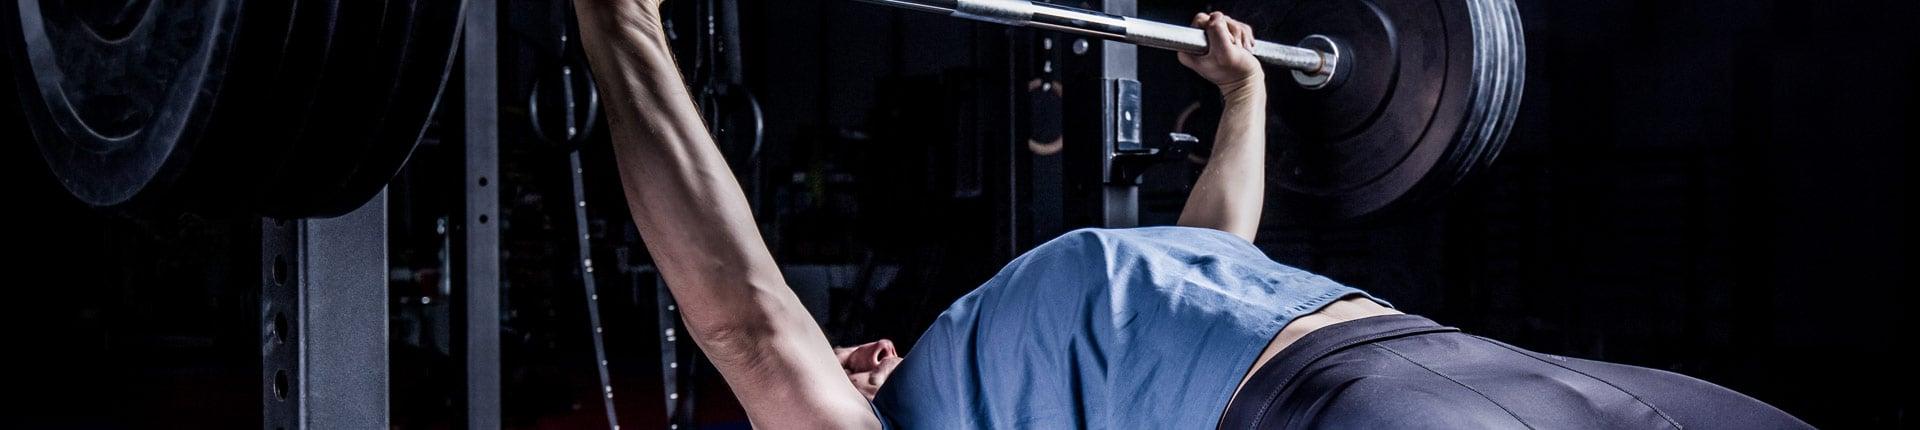 10 najczęstszych błędów podczas wyciskania sztangi leżąc